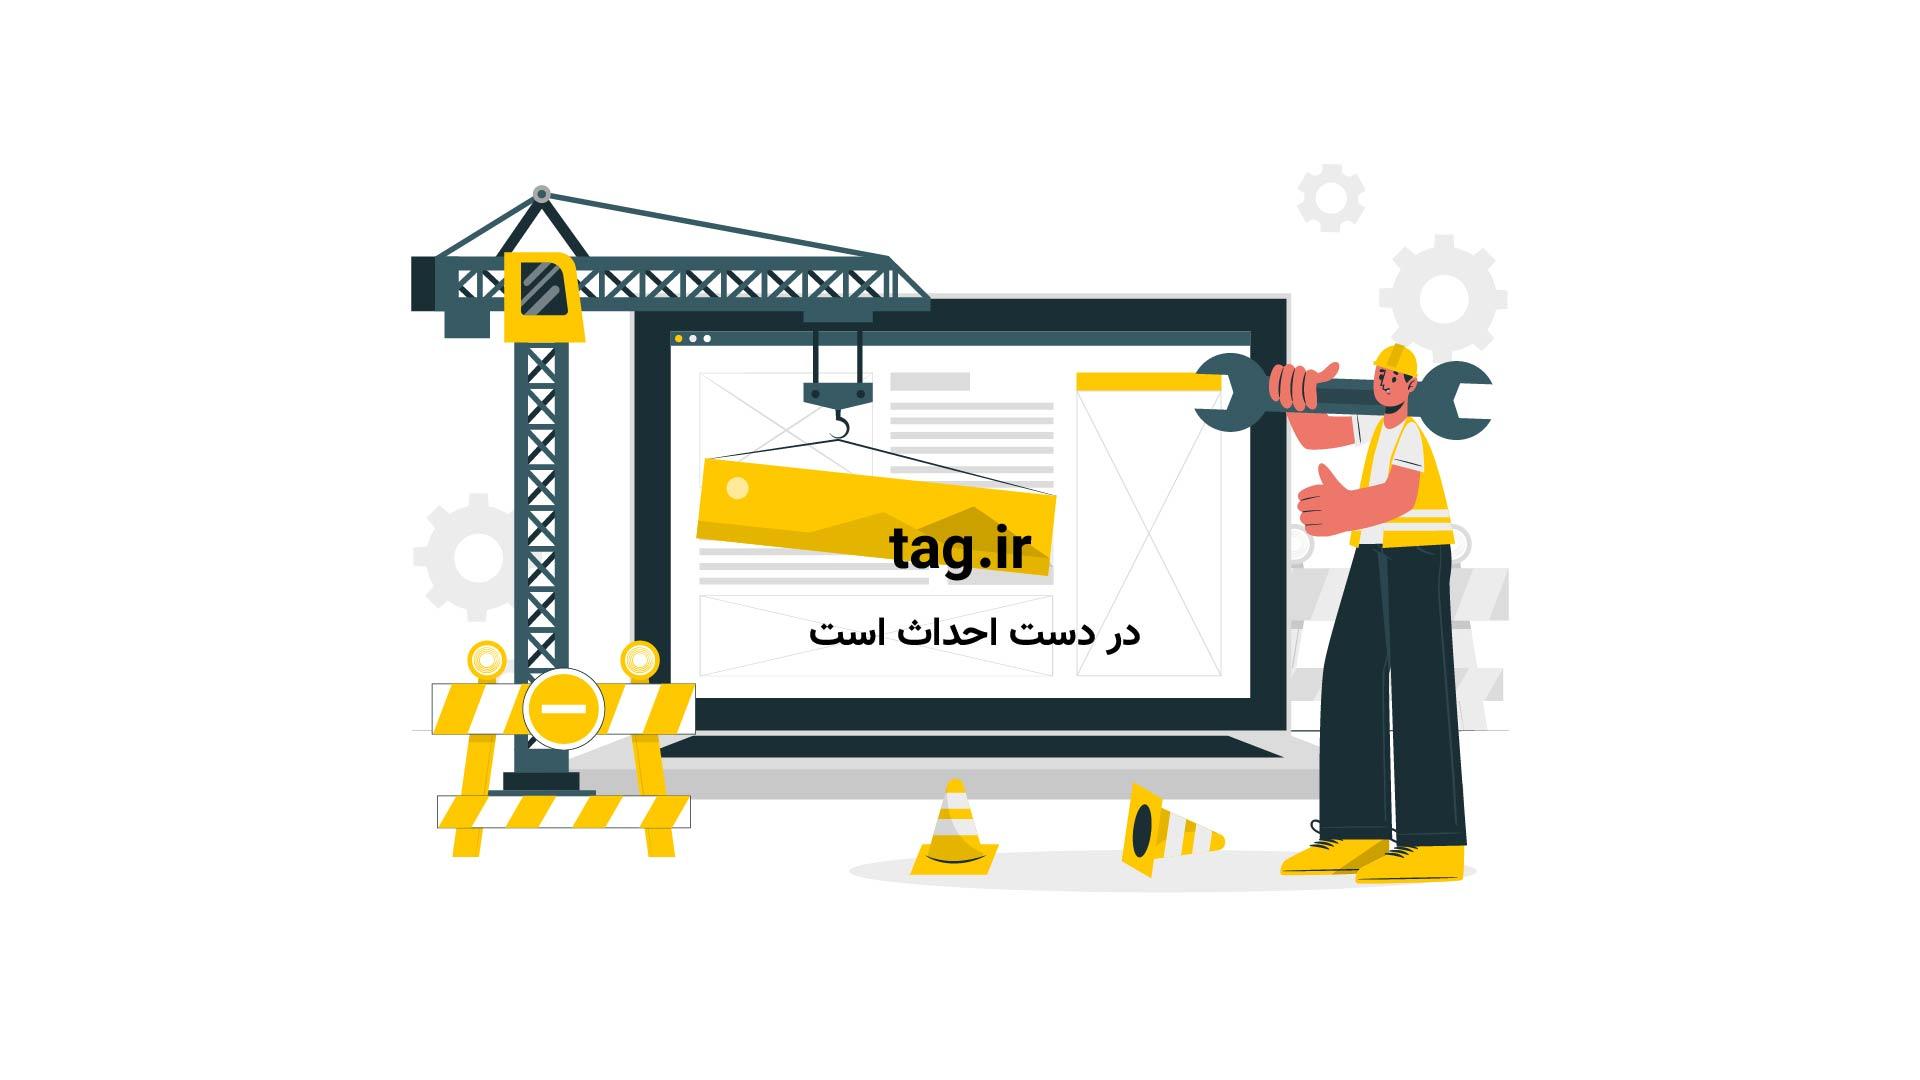 جنگ-یمن-و-عربستان | تگ